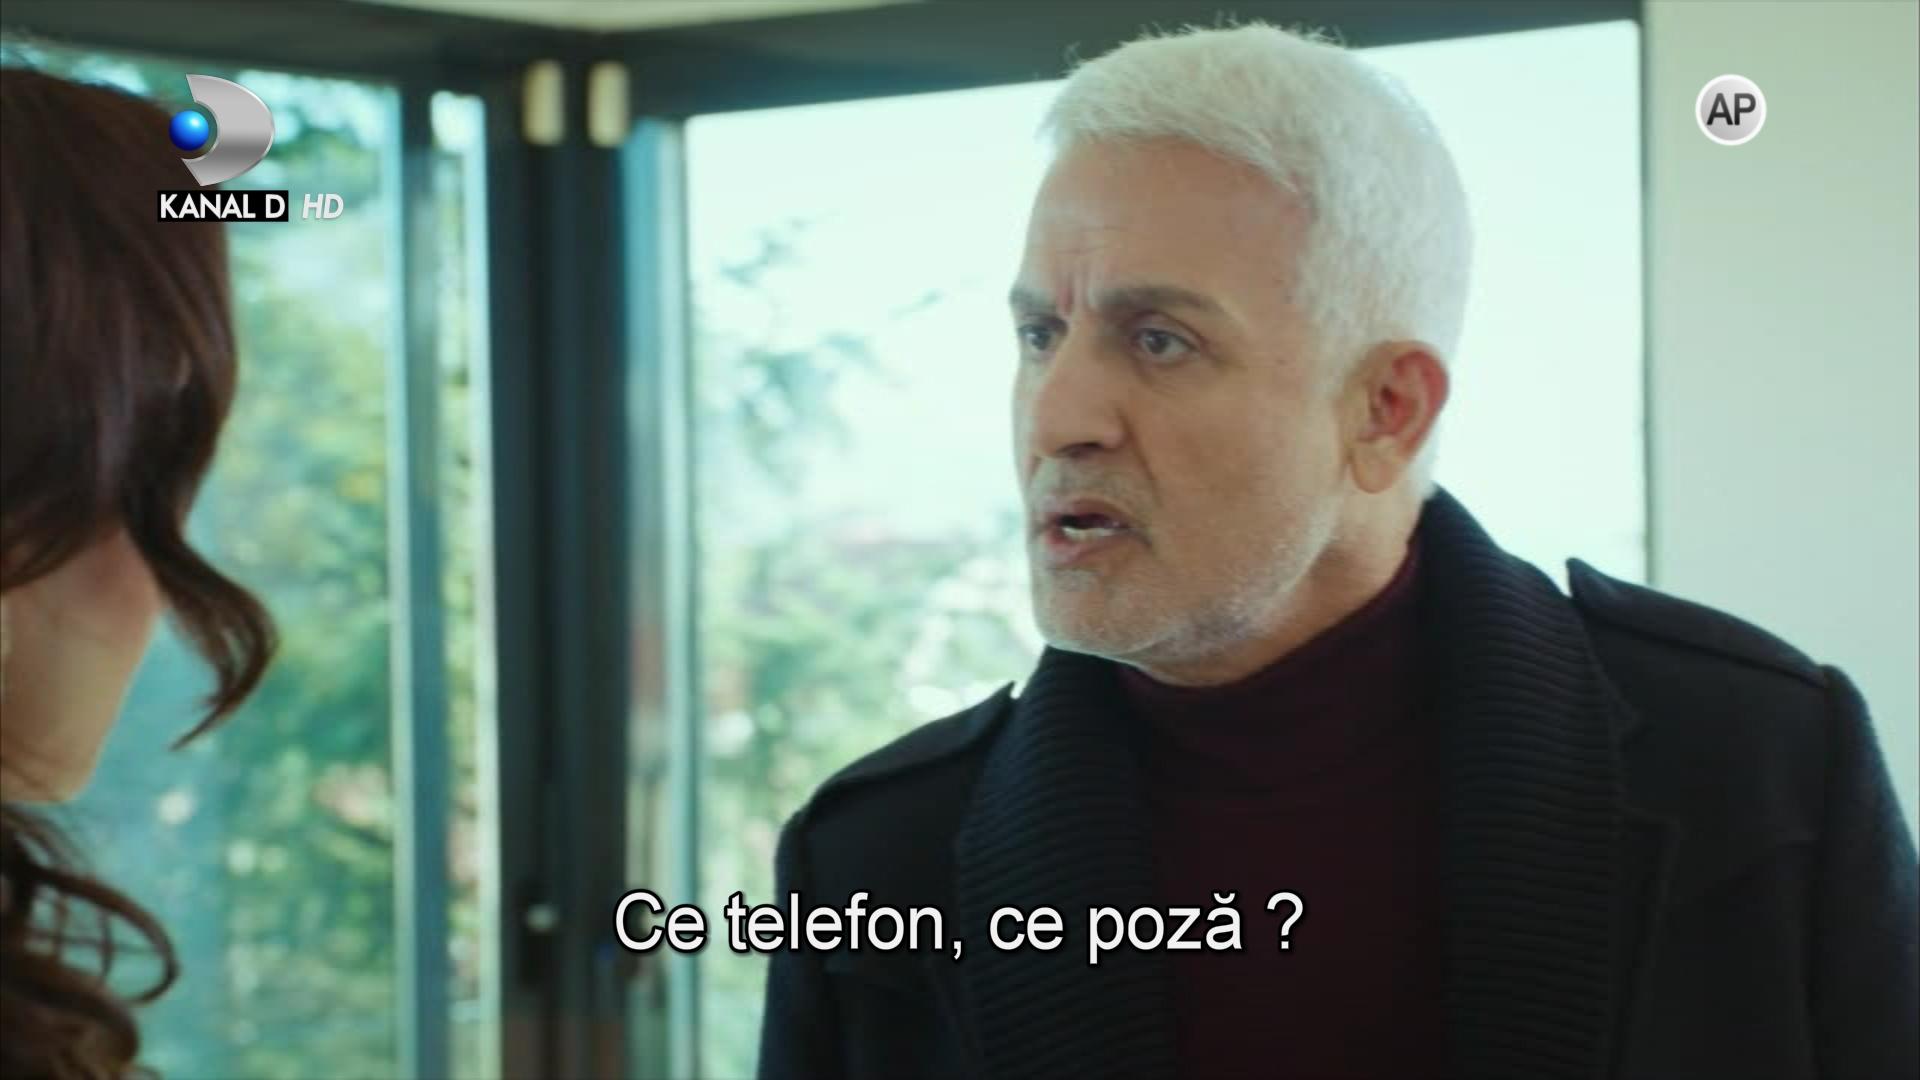 """Vezi online serialul """"Prețul fericirii"""" subtitrat în limba română - Episodul 16, sezonul 3, miercuri, 23 septembrie - VIDEO"""